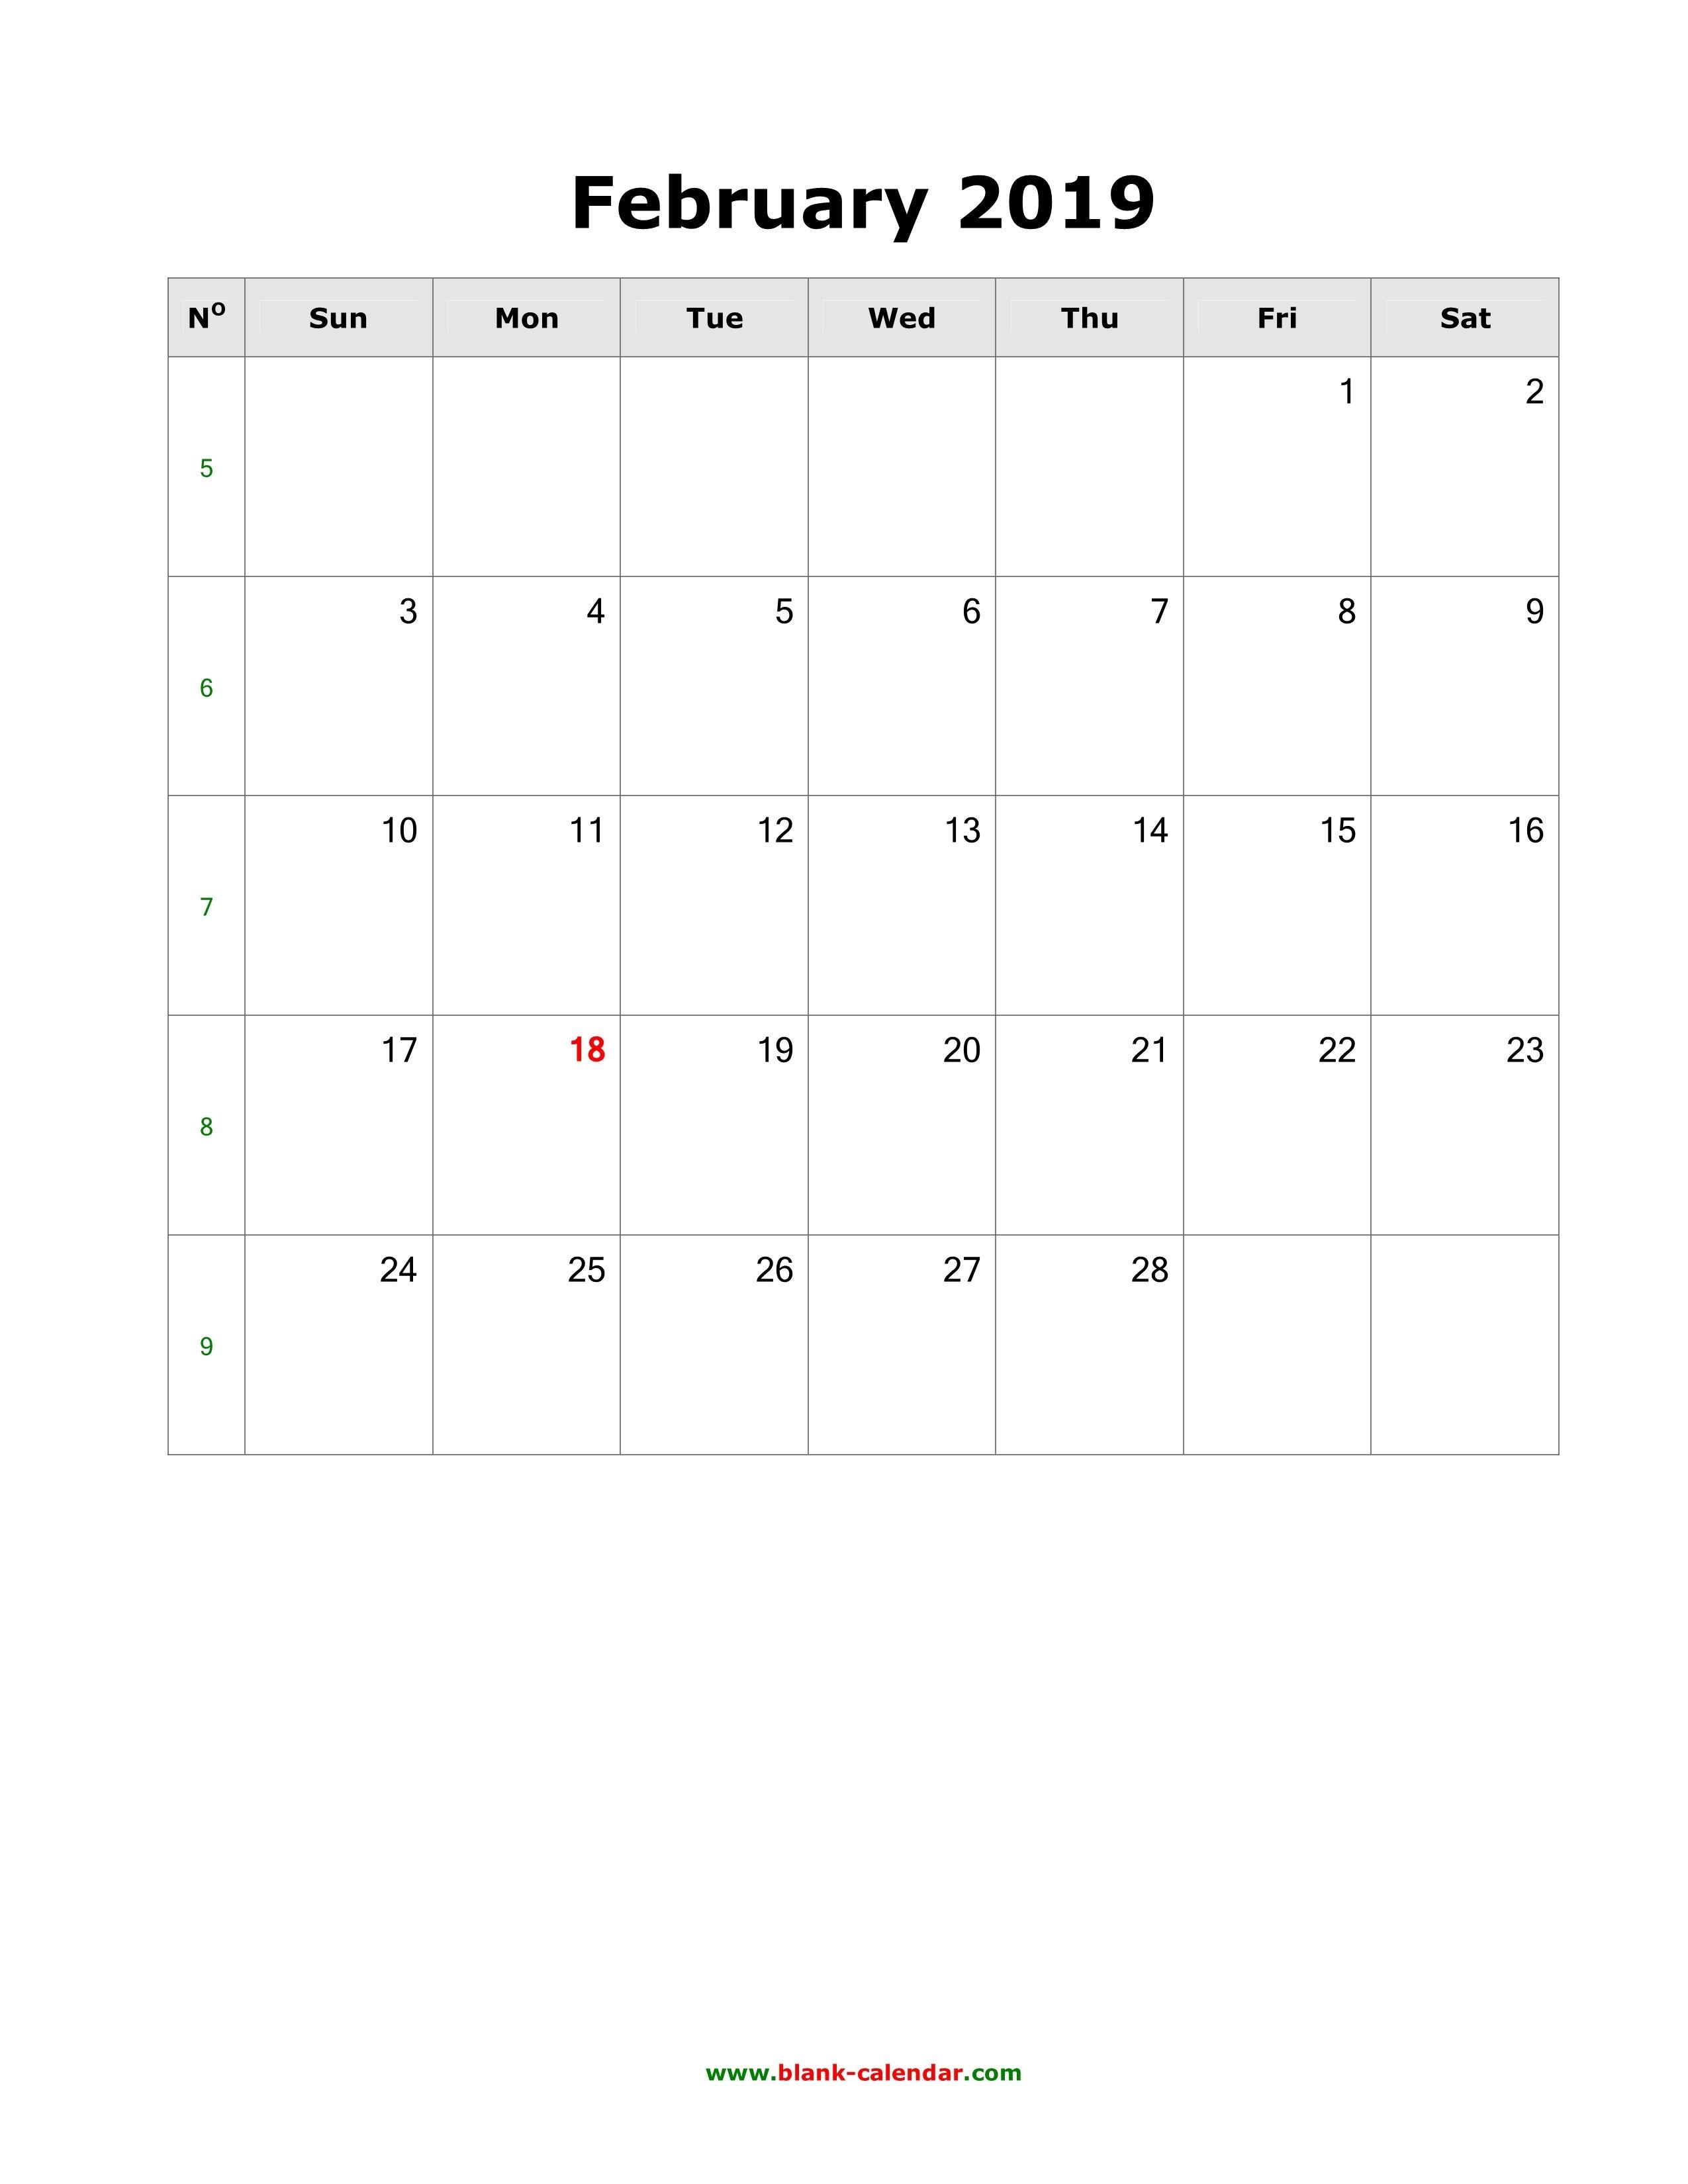 February Calendar 2019 To Do List Free February 2019 Calendar